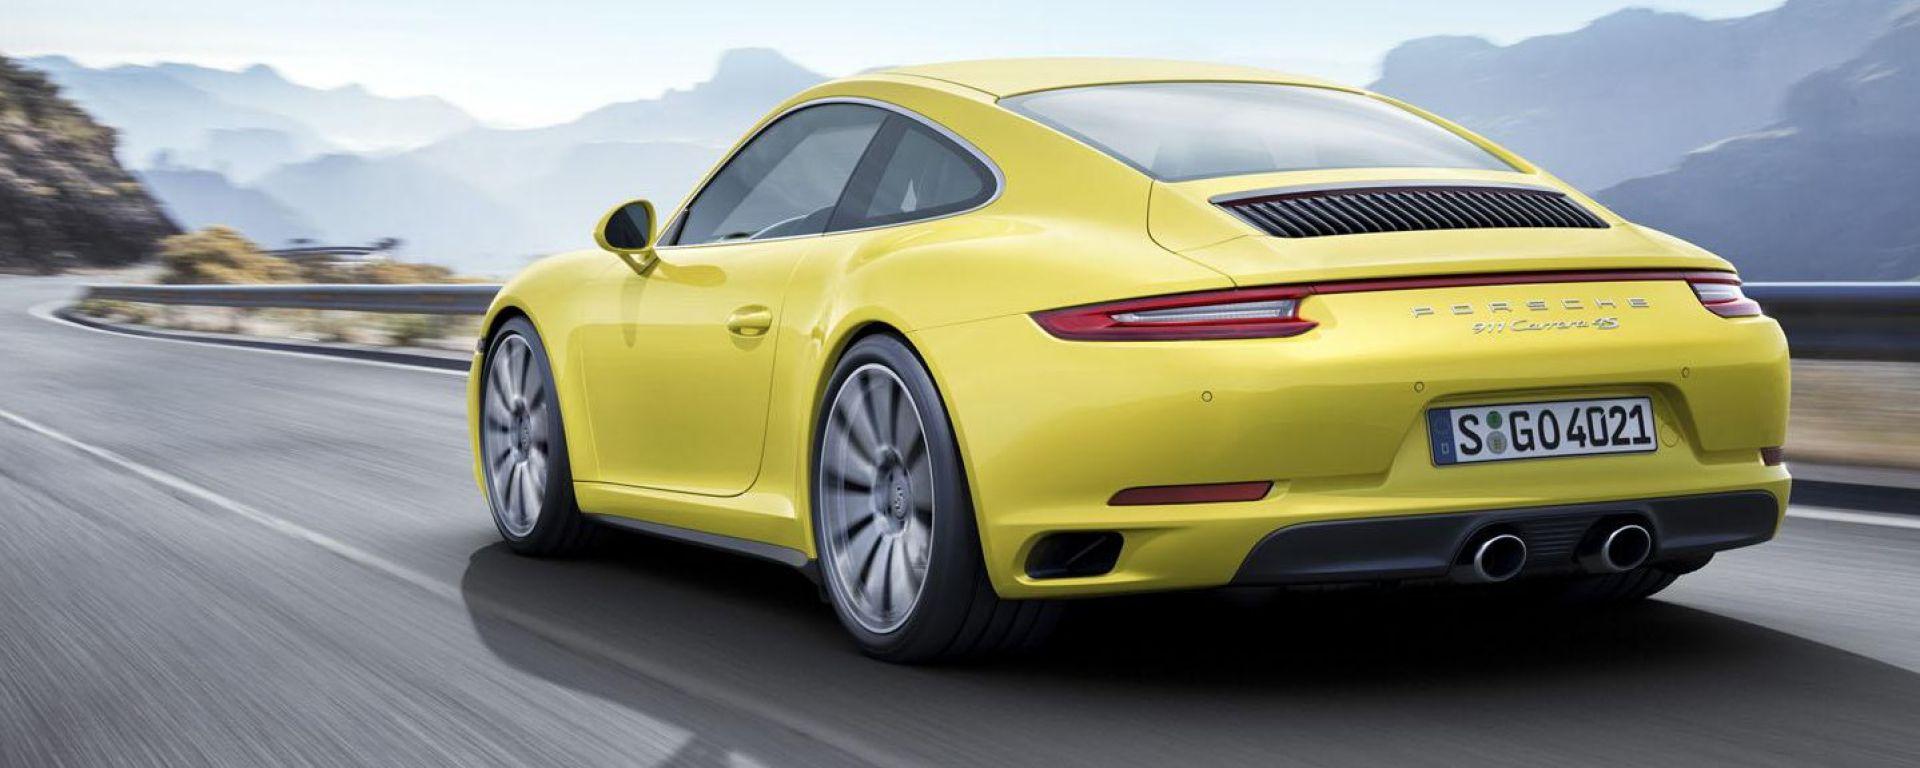 Novit 224 Auto Porsche 911 Carrera 4 E 4s 2016 Motorbox